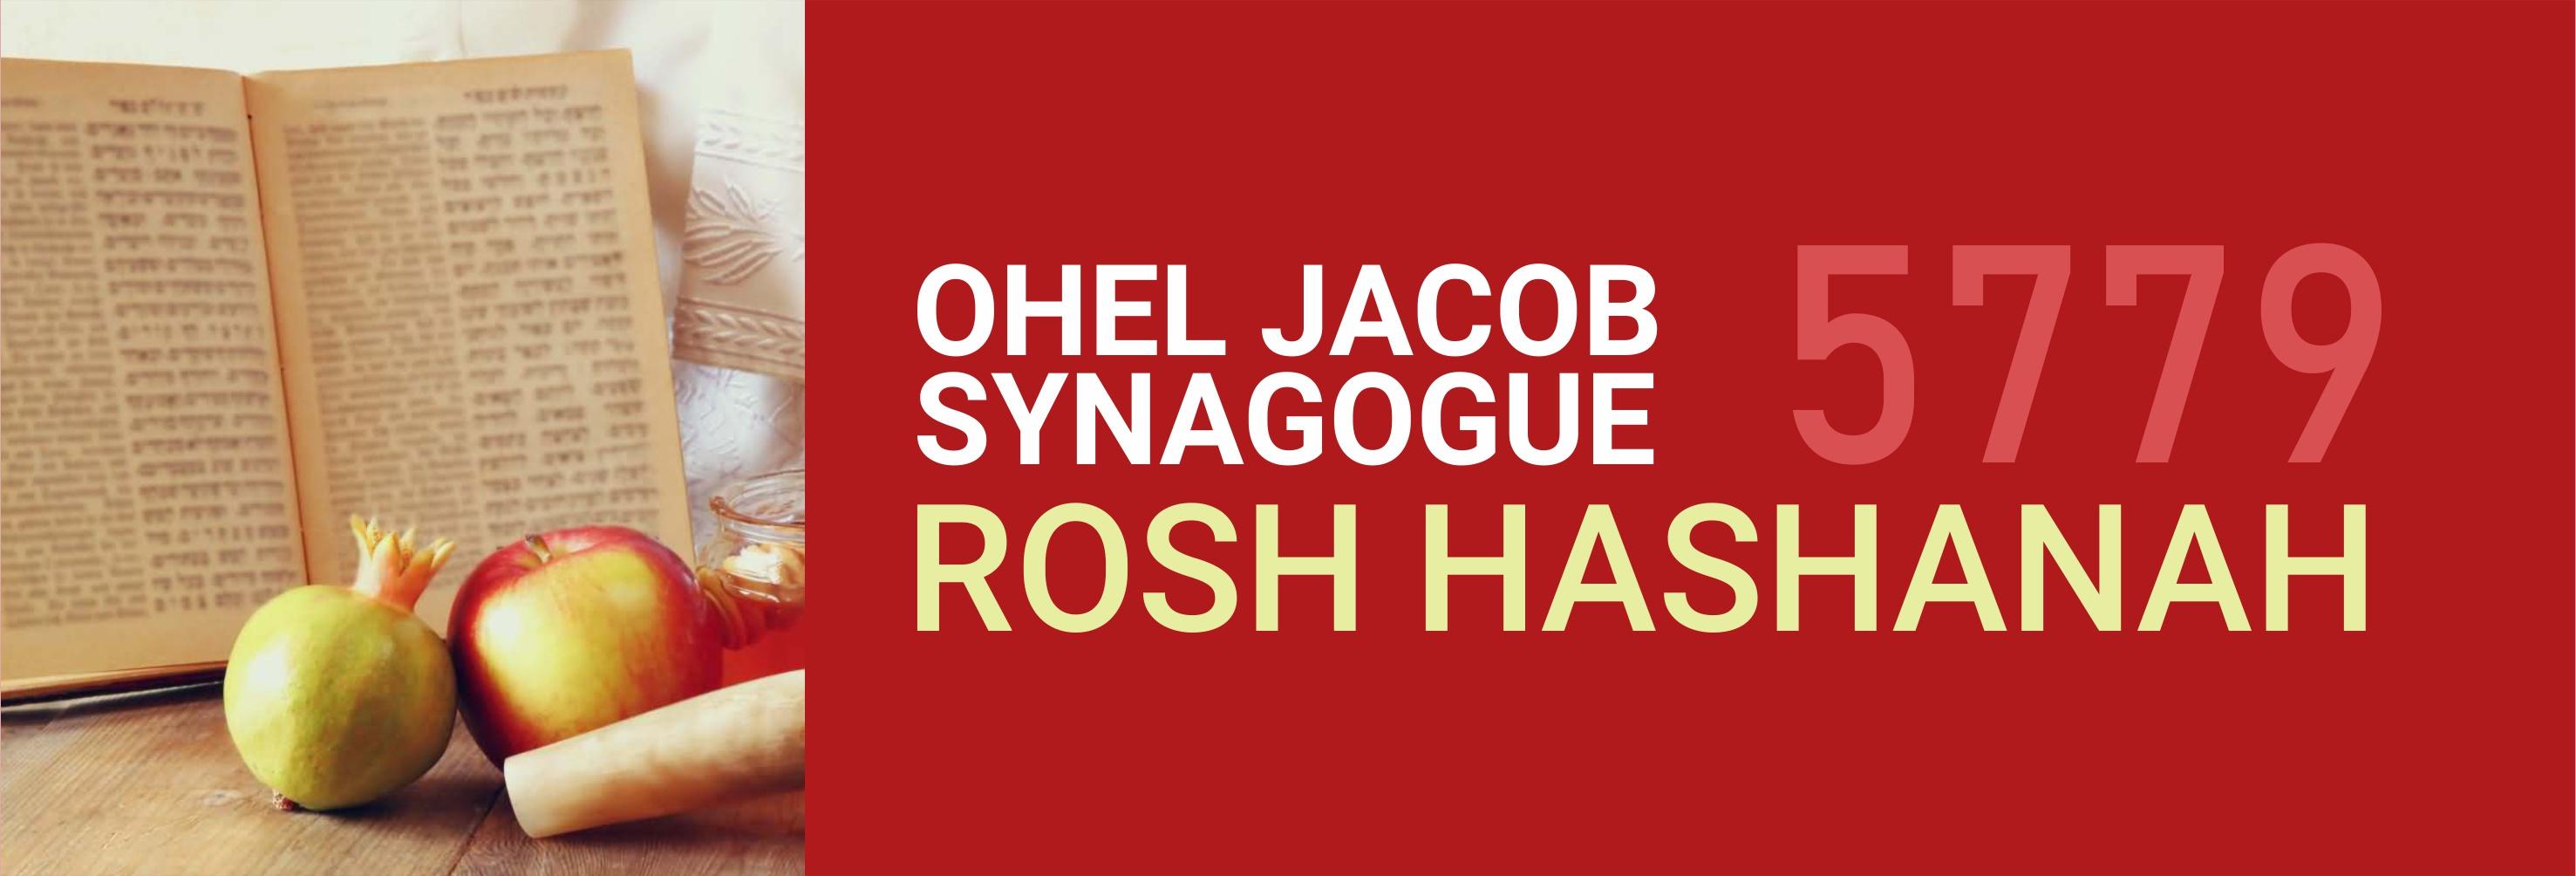 rh en - Rosh Hashanah 5779